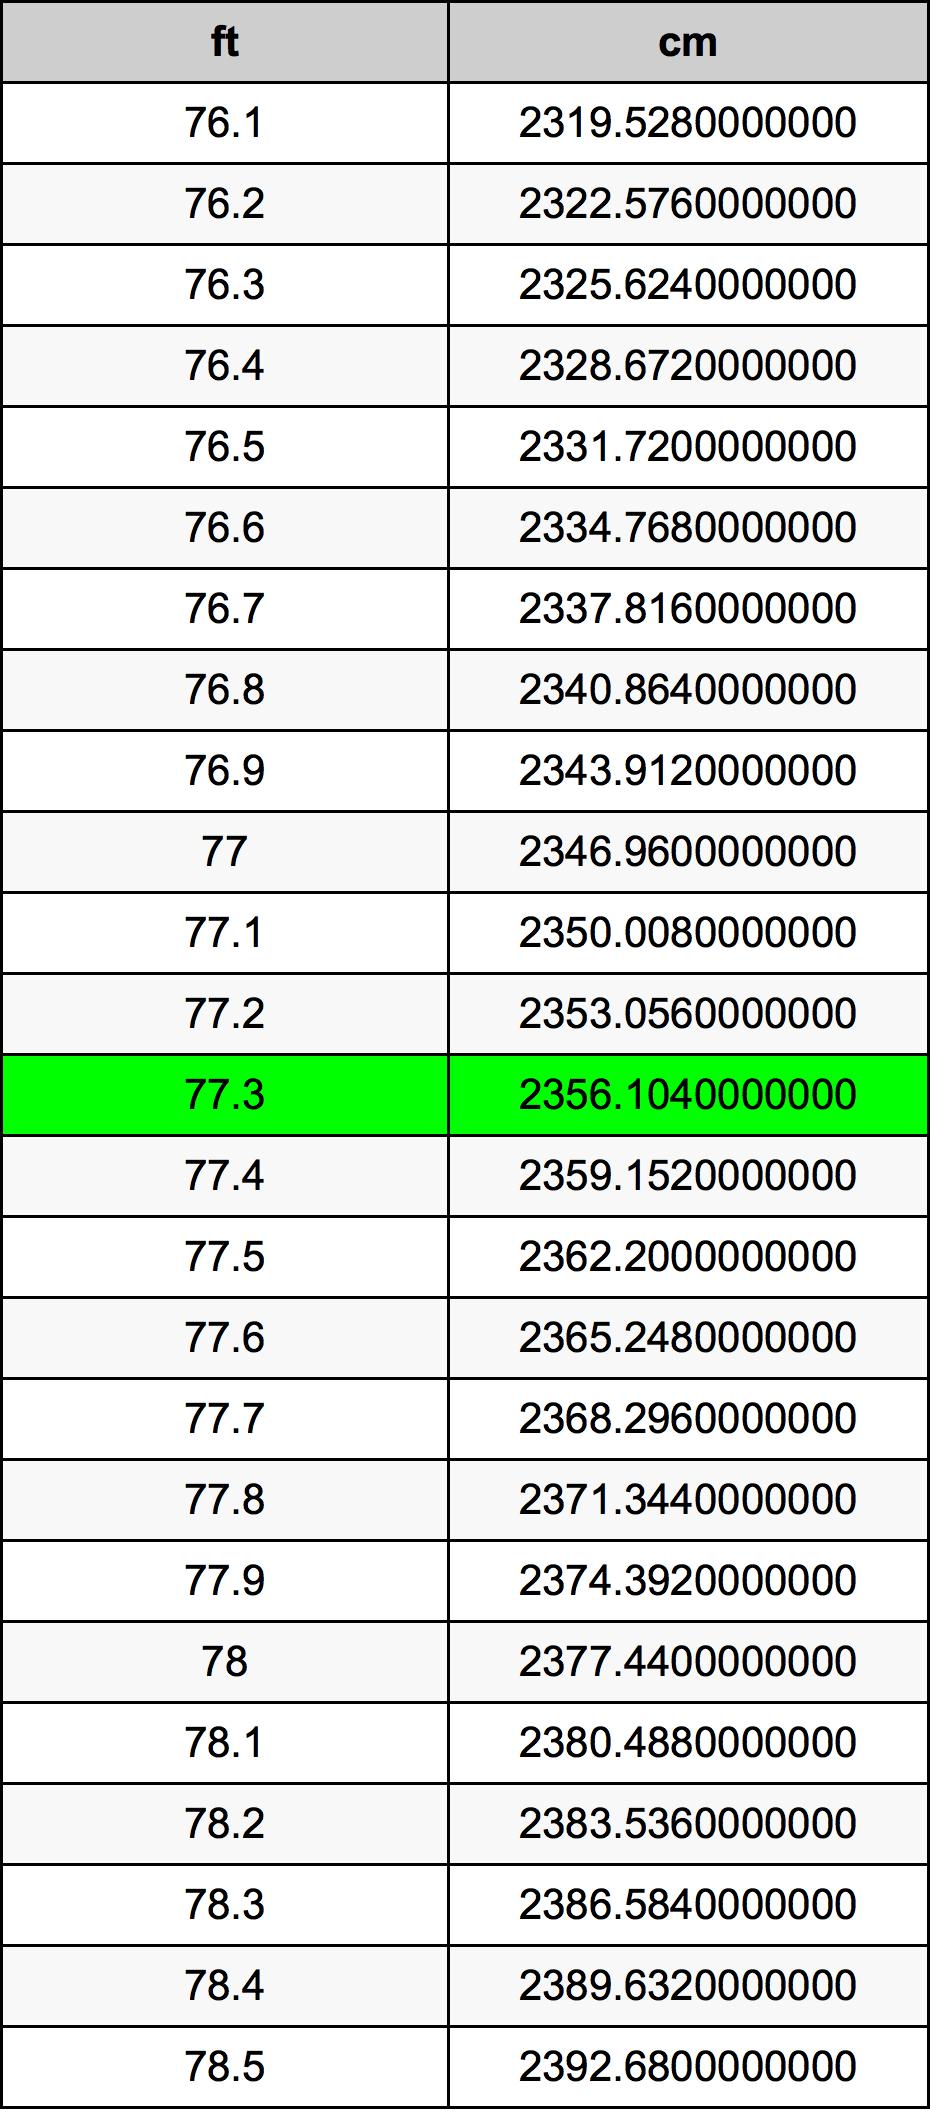 77.3 قدم جدول تحويل